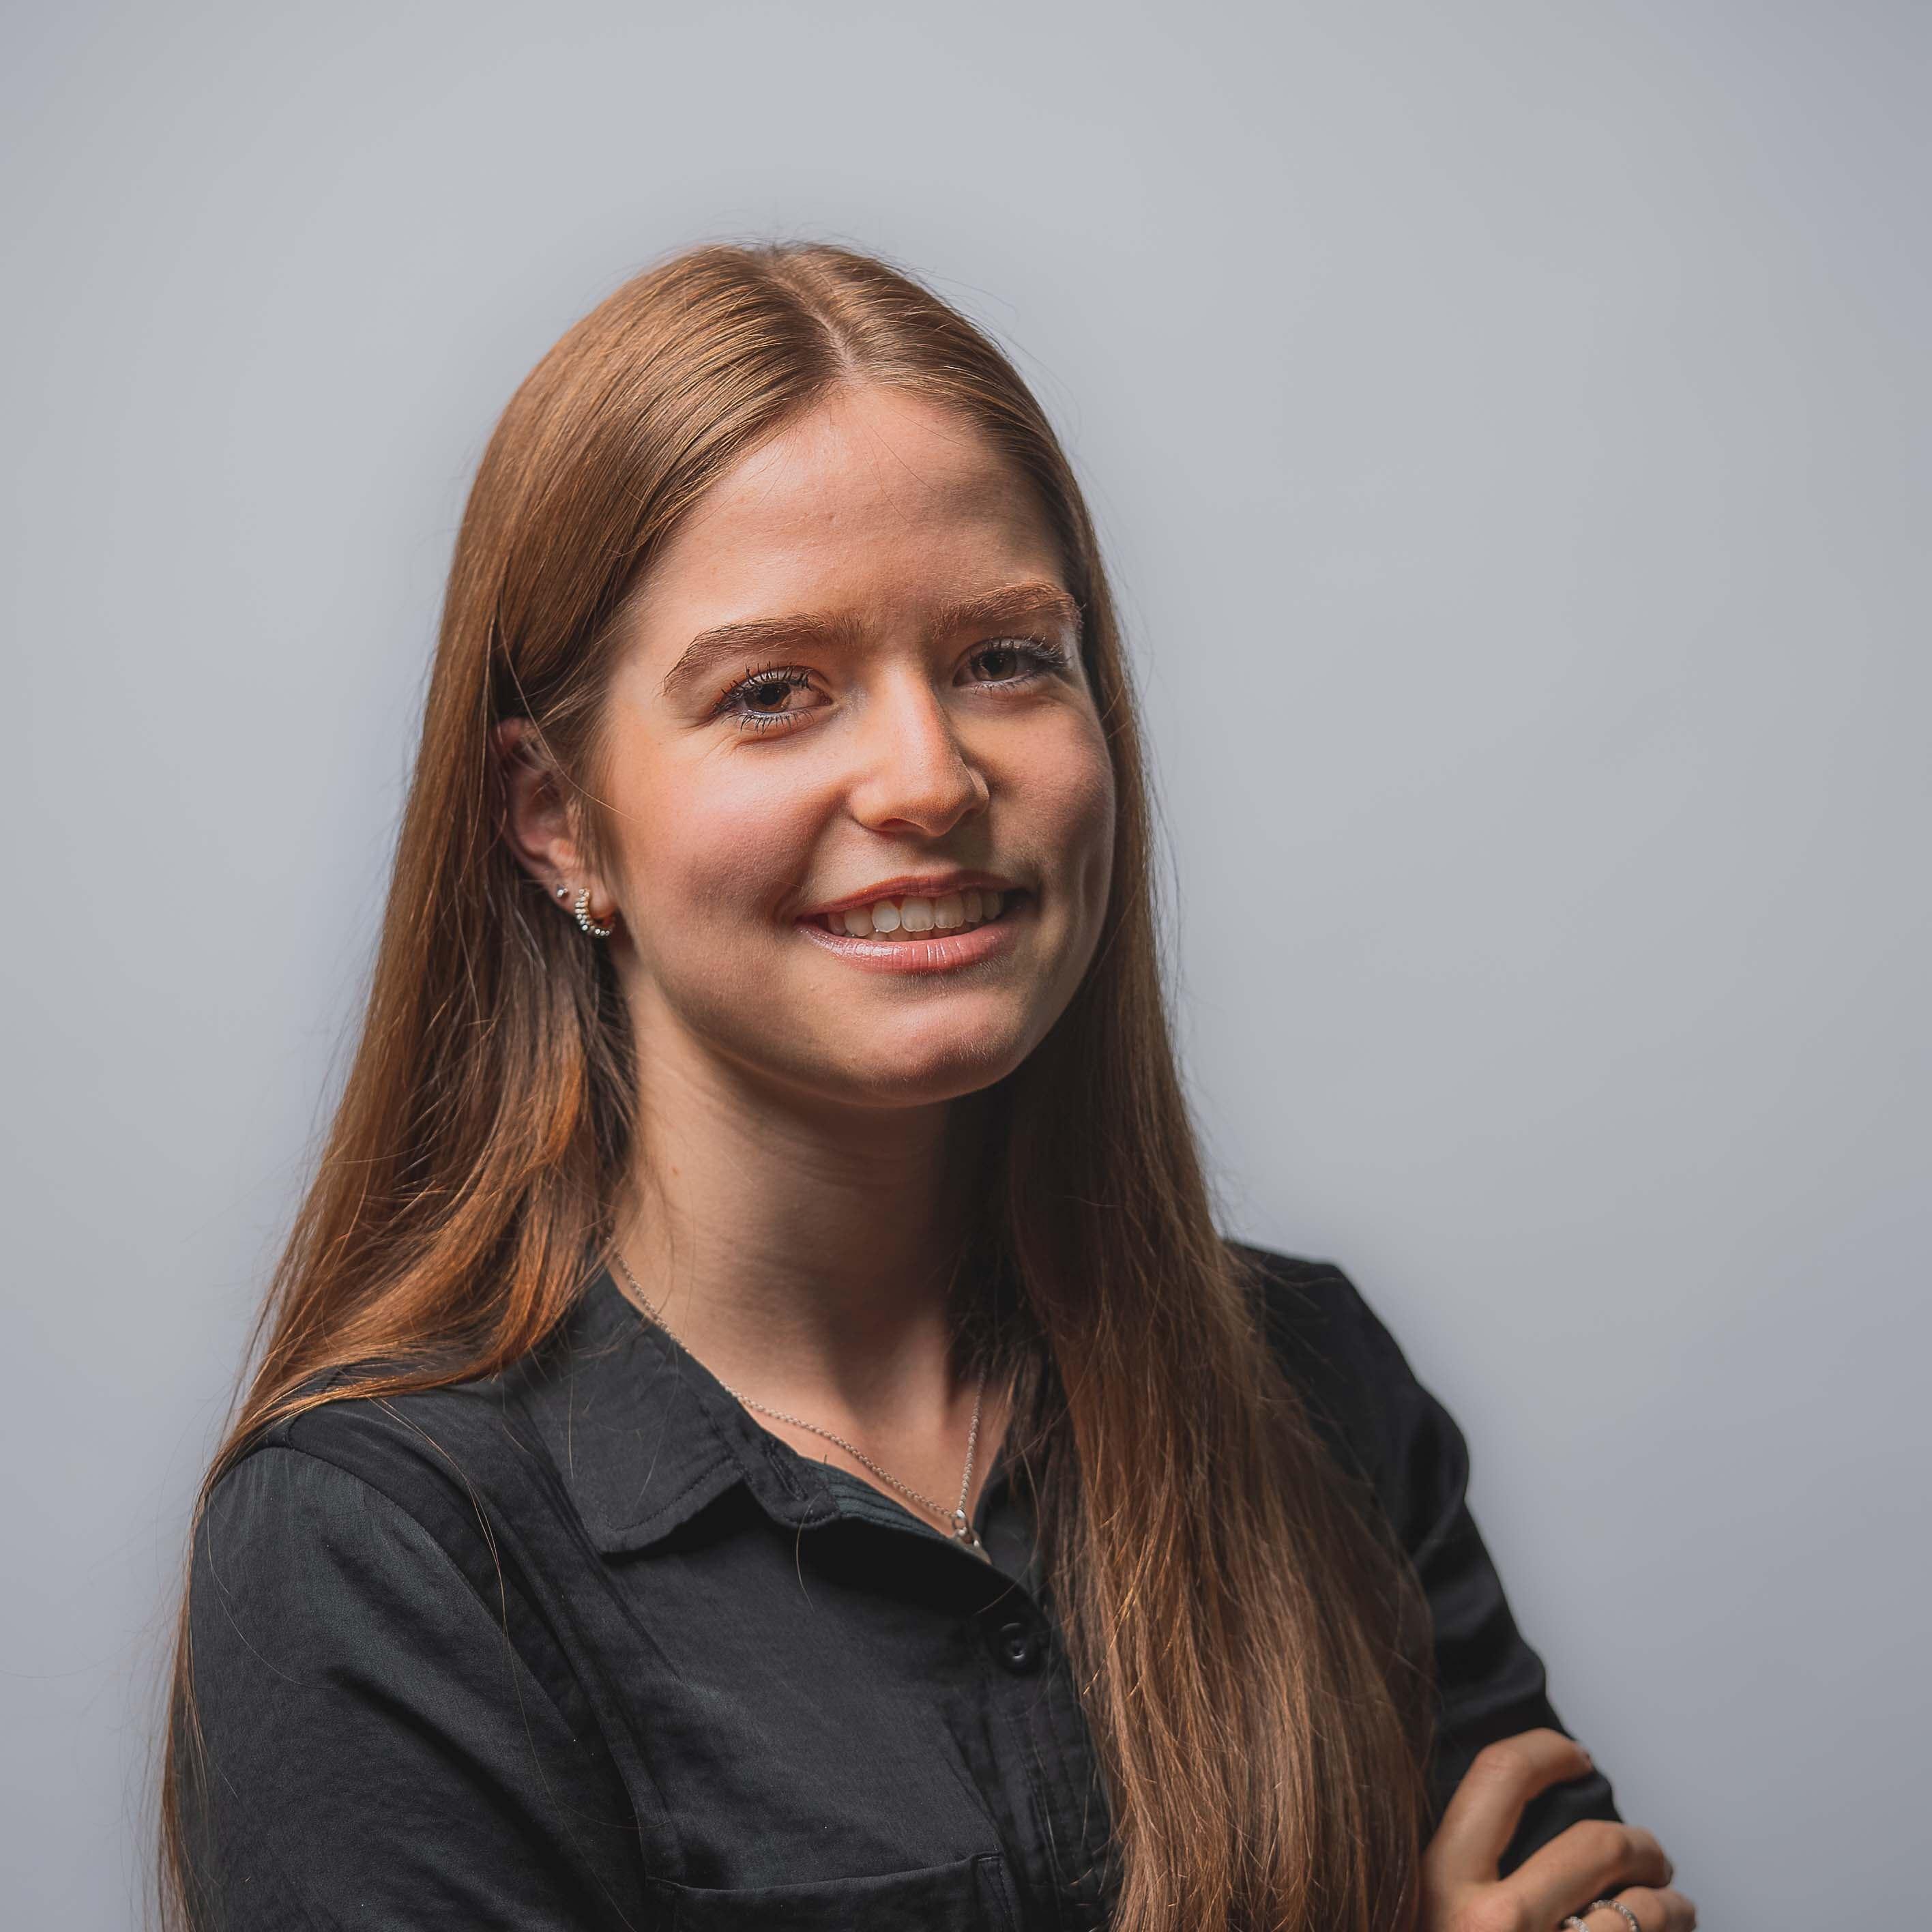 Alina Felder